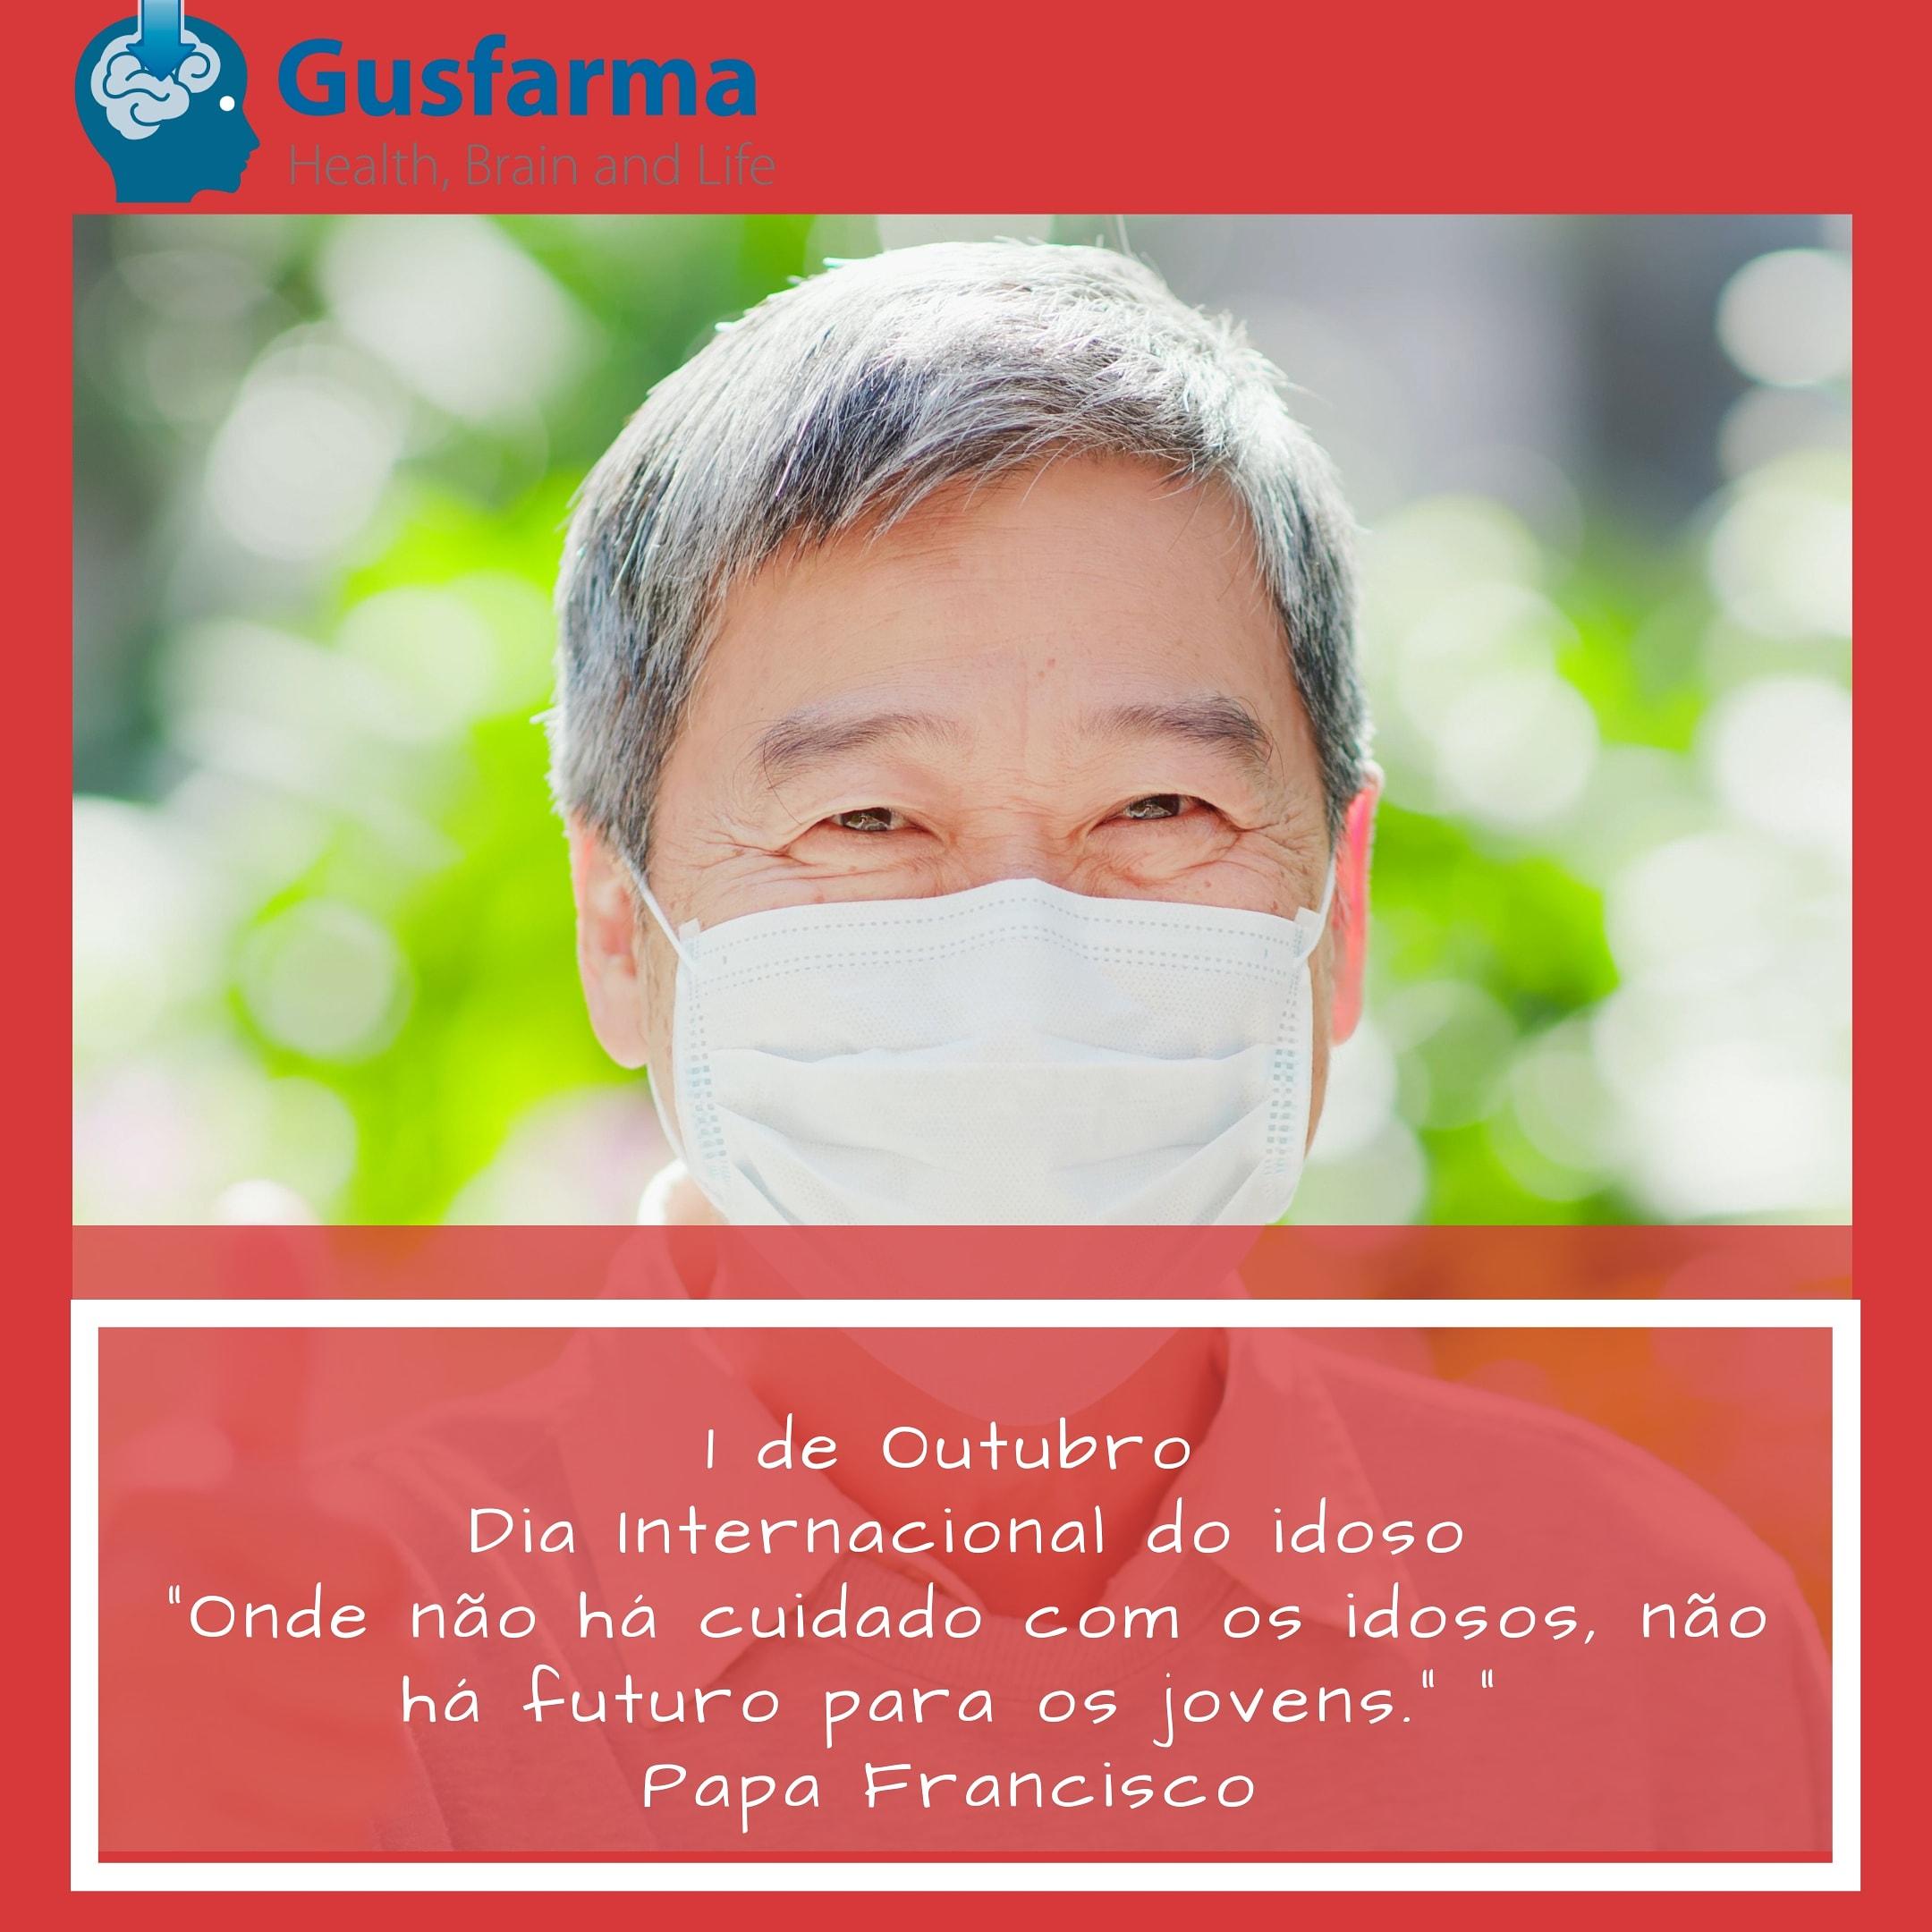 1 de Outubro Dia Internacional do idoso.